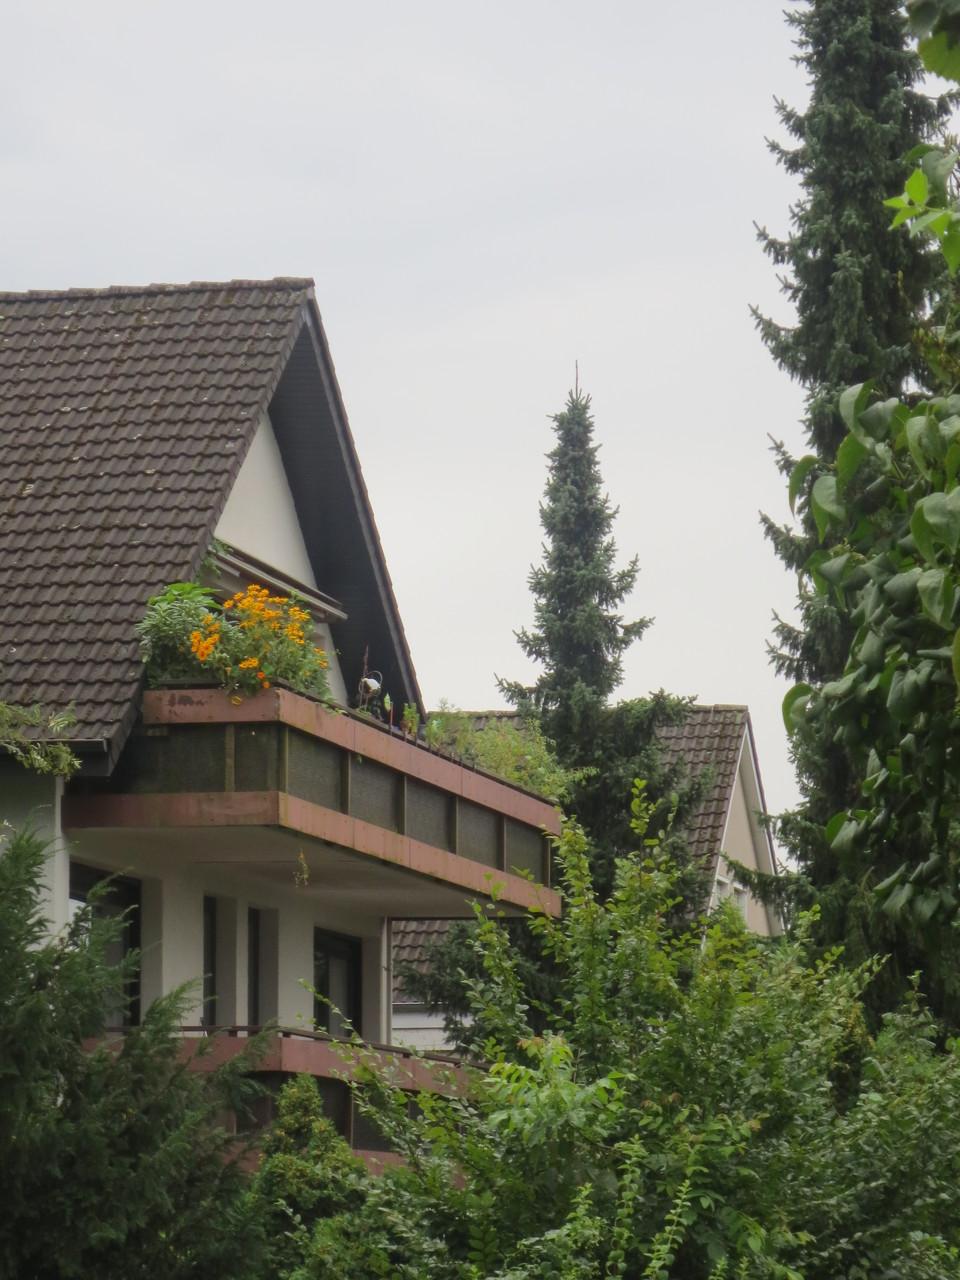 Außensicht des Balkons der Eigentumswohnung